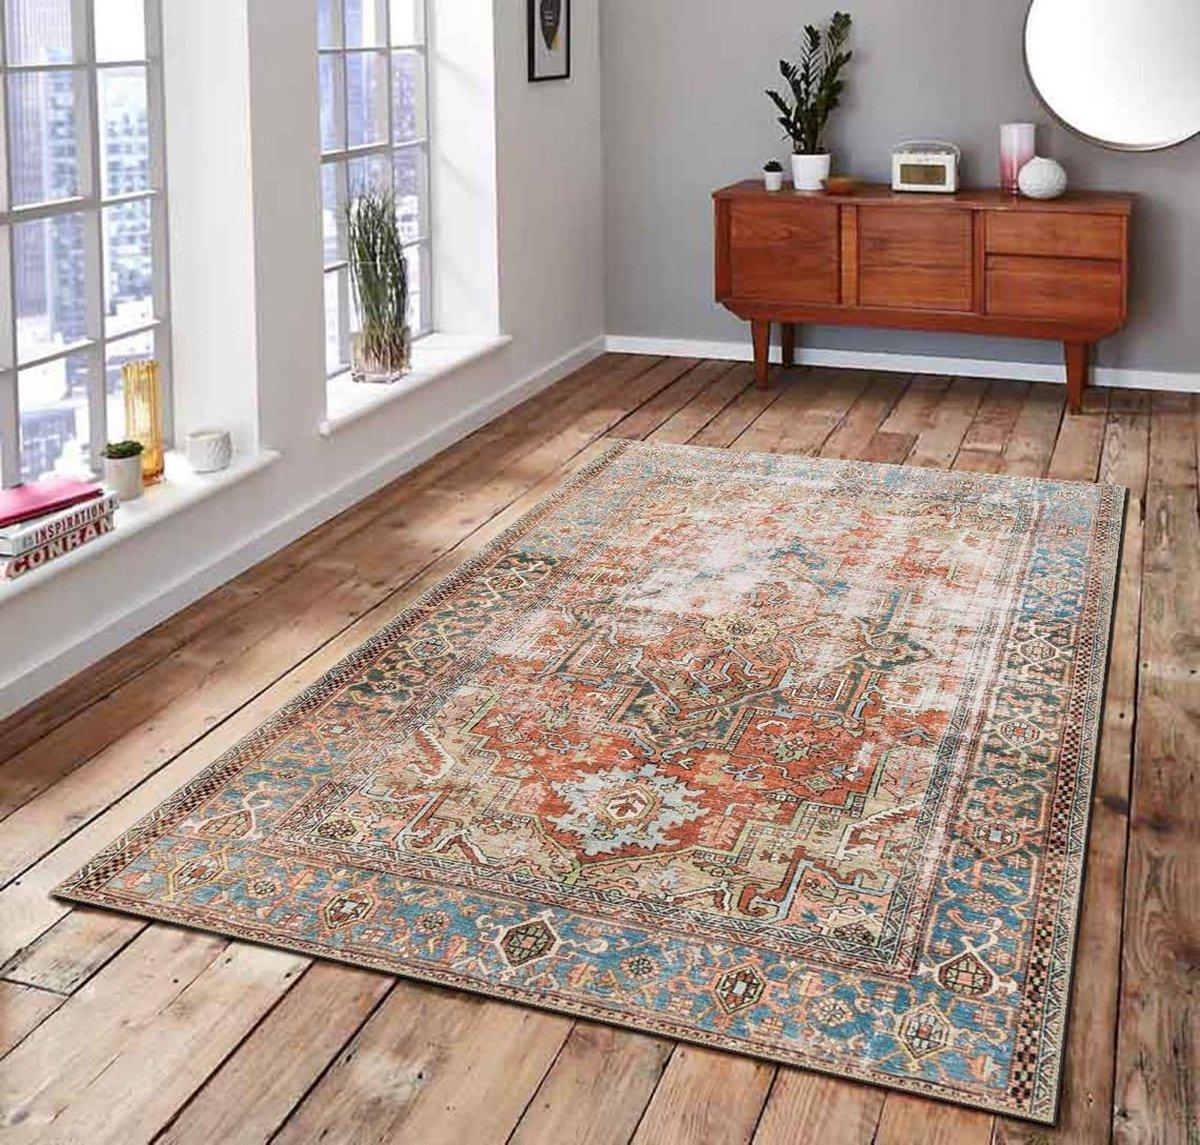 Herms-Pop Art Man 3 Patterned Carpet-Vloerkleed-Antislip-160x230 cm